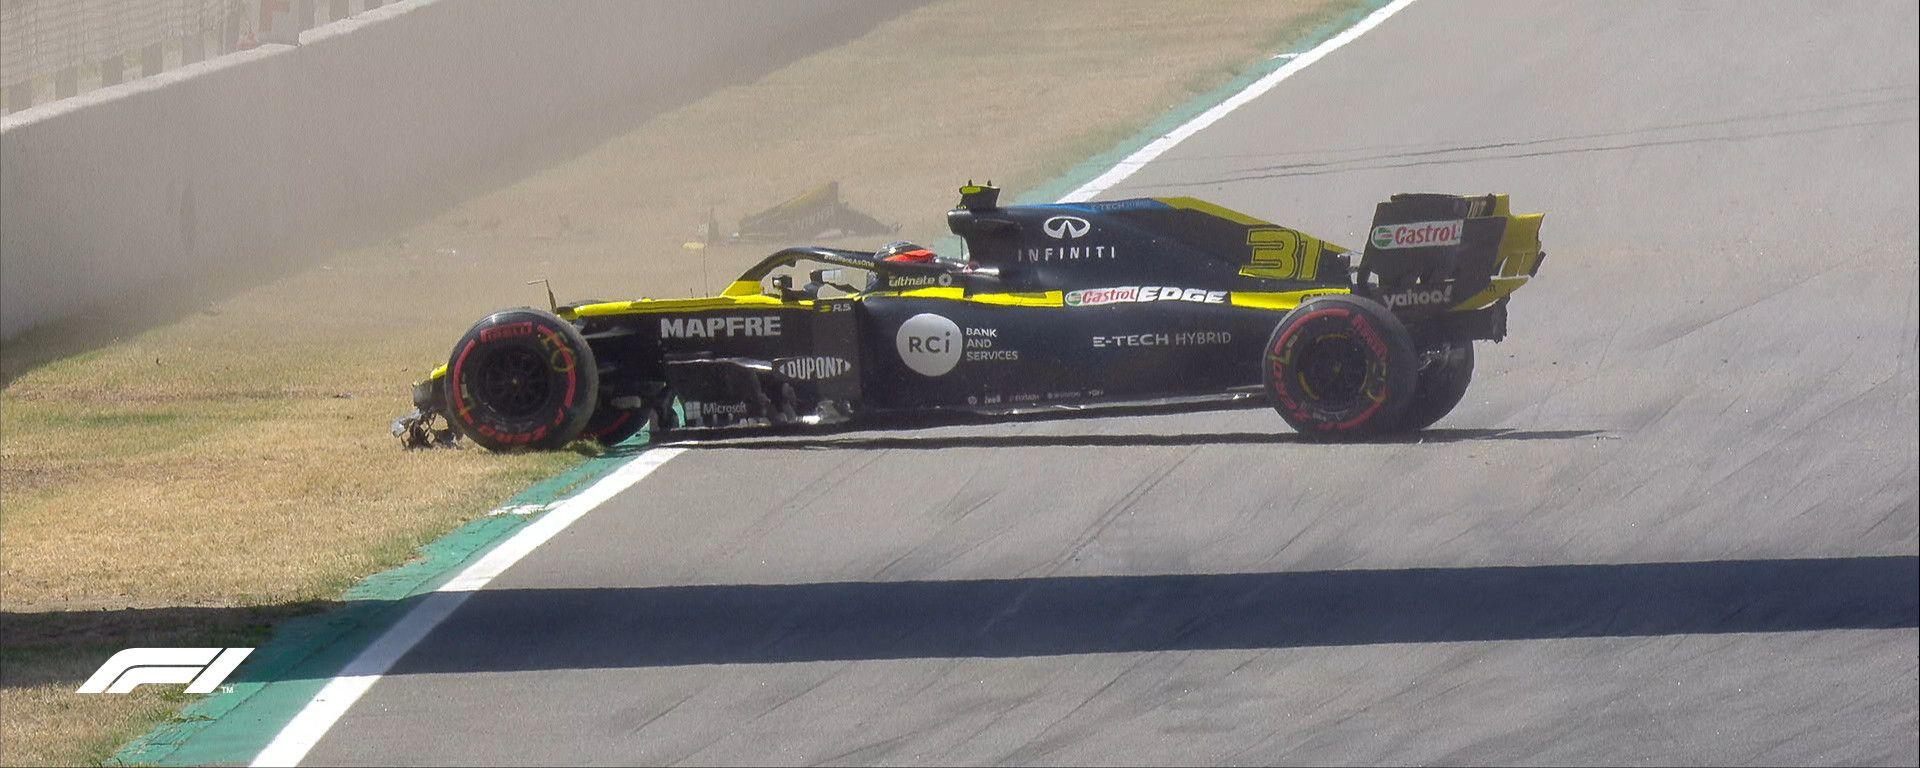 F1 GP Spagna 2020, Barcellona: l'incidente di Esteban Ocon (Renault) nelle PL3